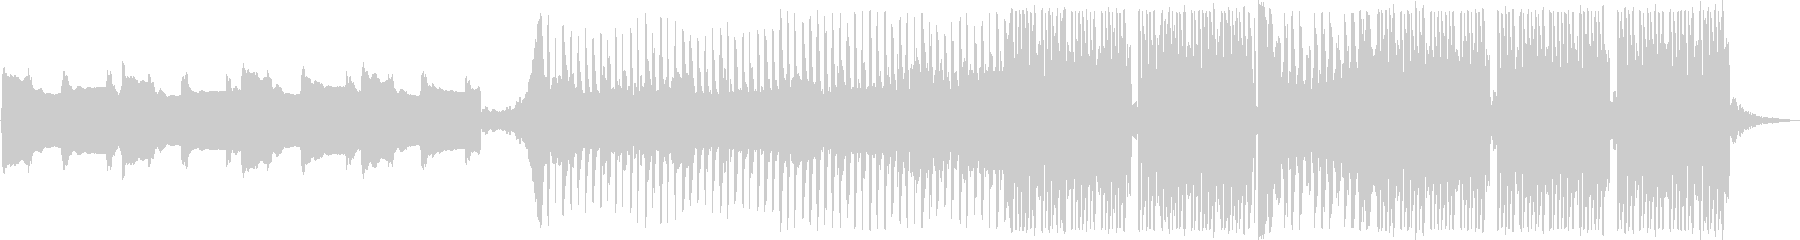 静かなイントロから始まる煌びやかなEDMの未再生の波形